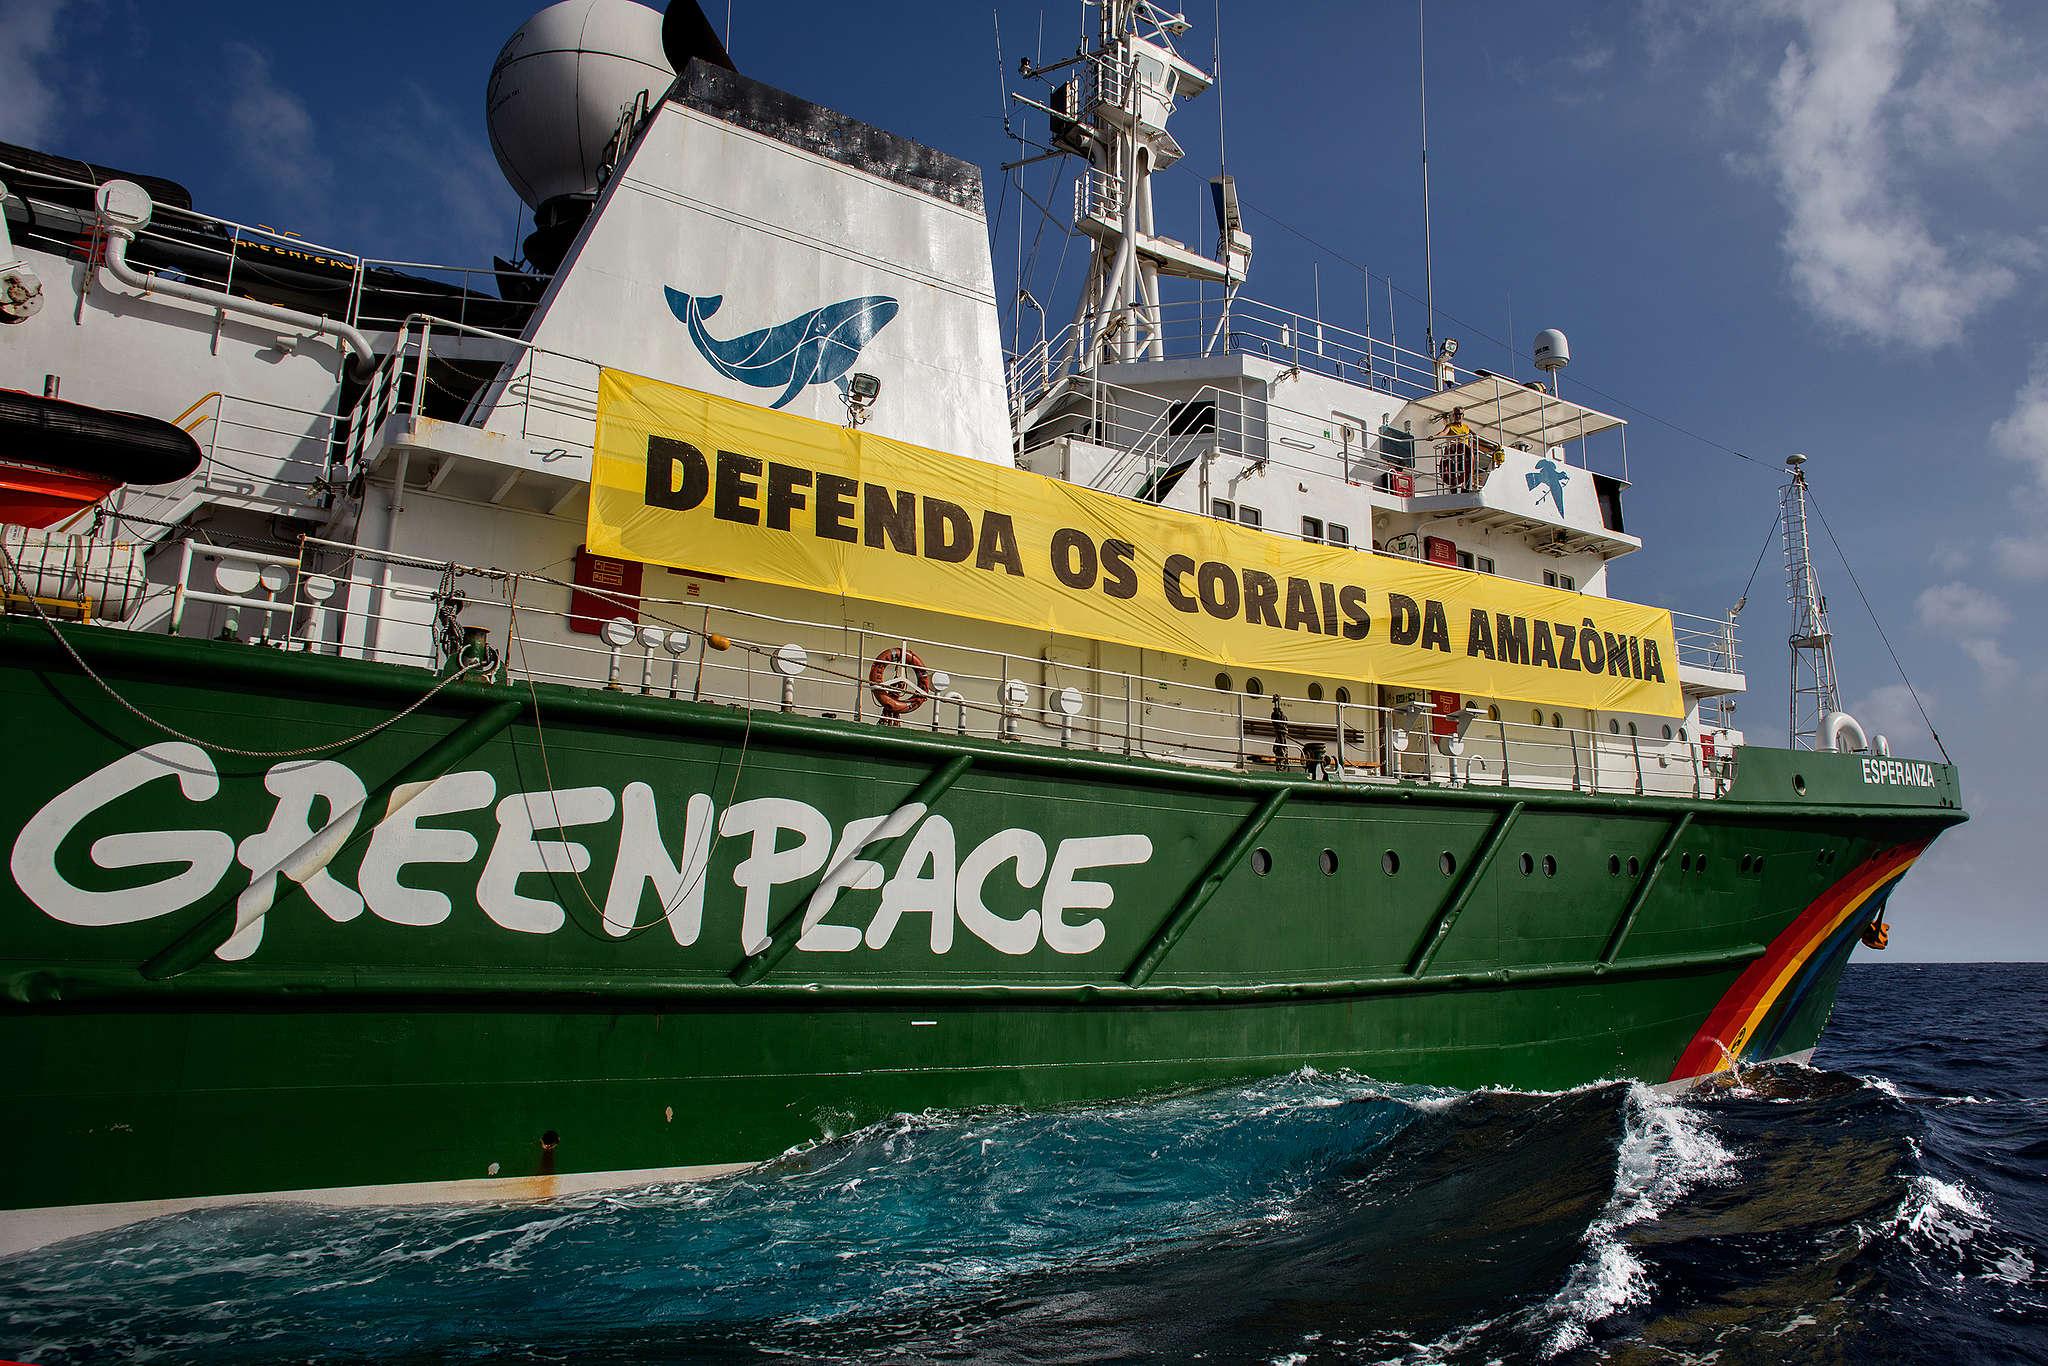 Navio Esperanza com banner Defenda os Corais da Amazônia